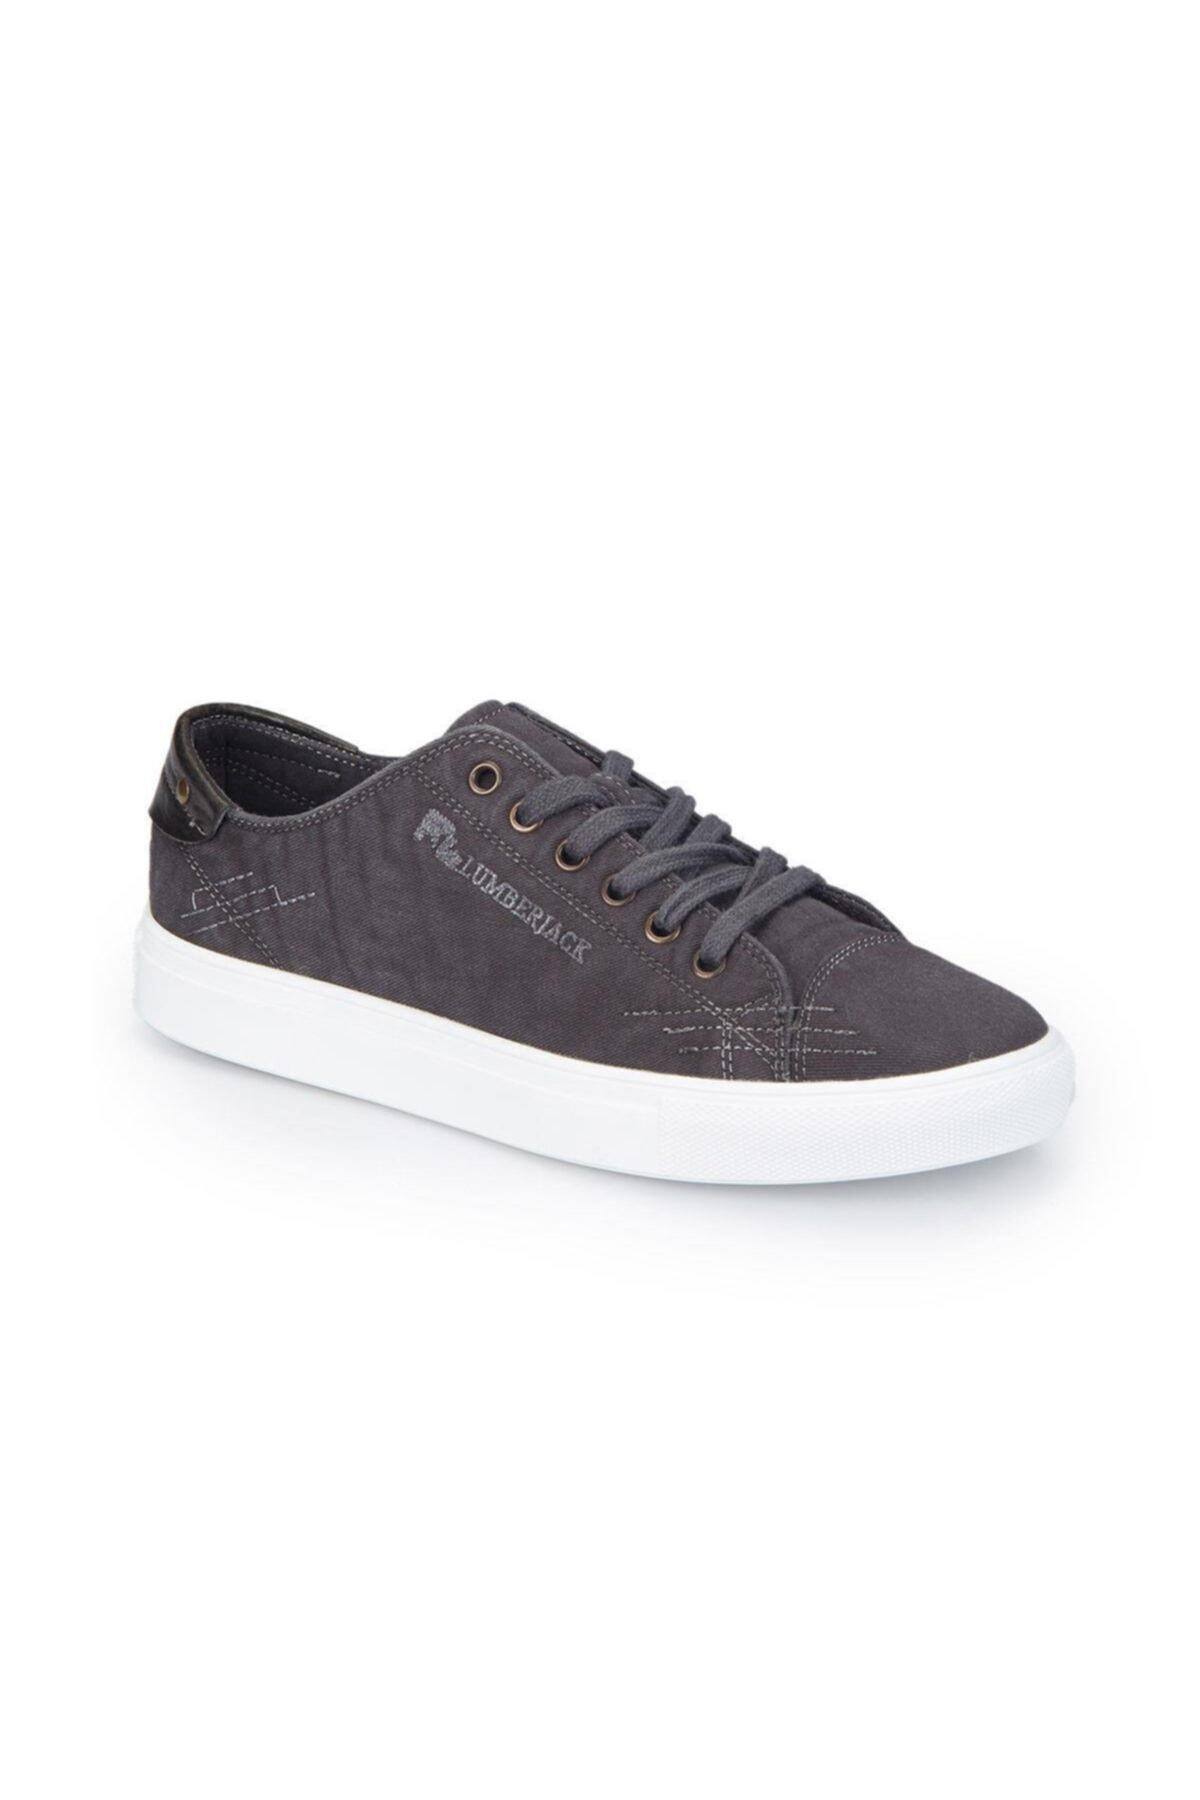 Erkek Günlük Ayakkabı Dalton 4 Renk Seçeneği